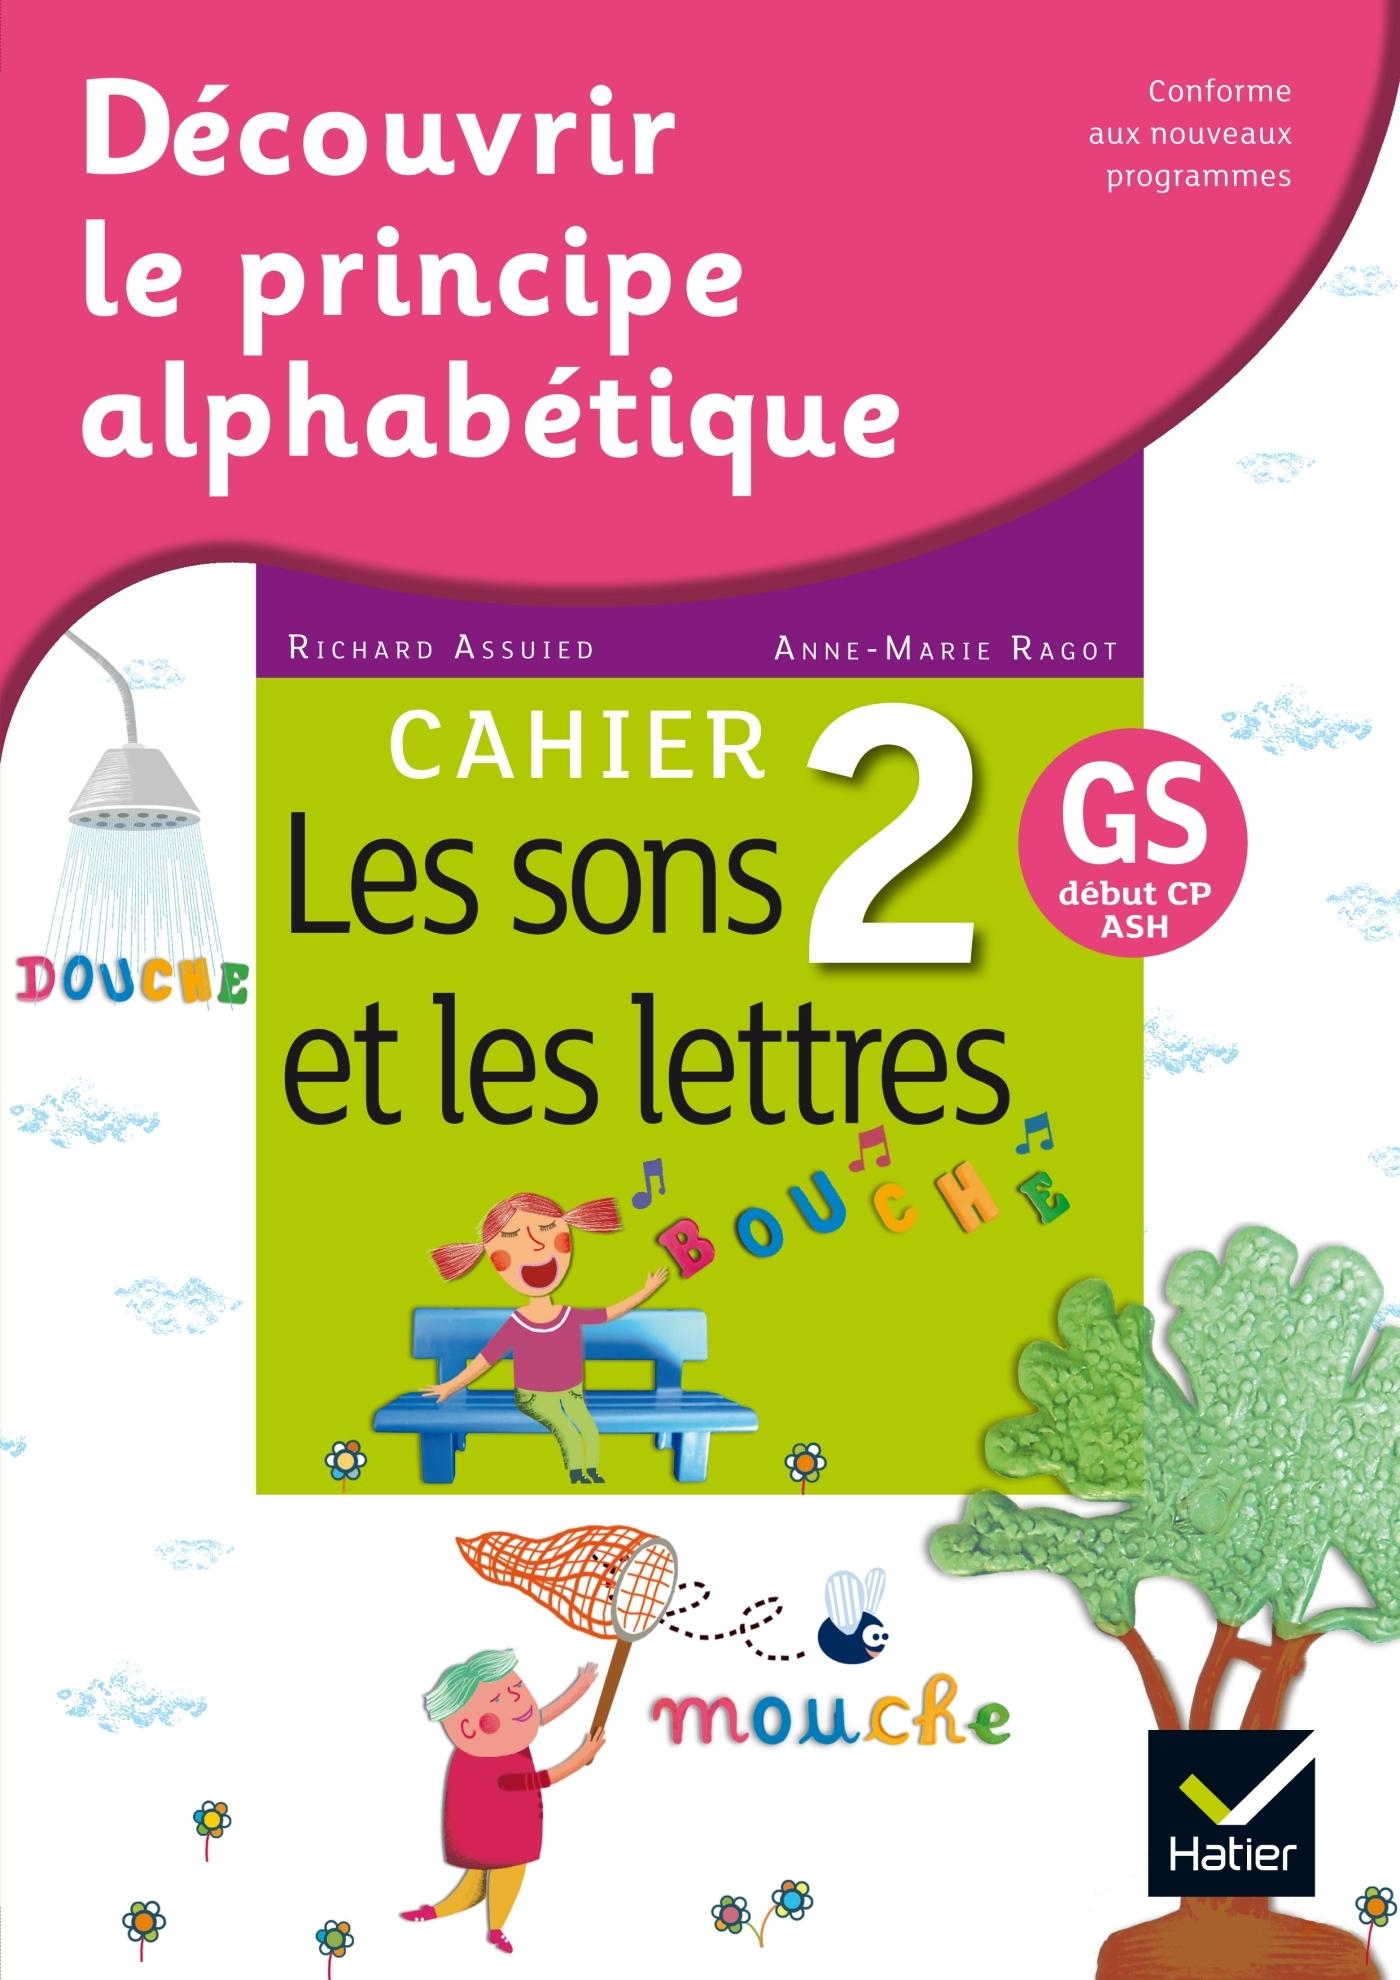 DECOUVRIR LE PRINCIPE ALPHABETIQUE - CAHIER 2 - LES SONS ET LES LETTRES